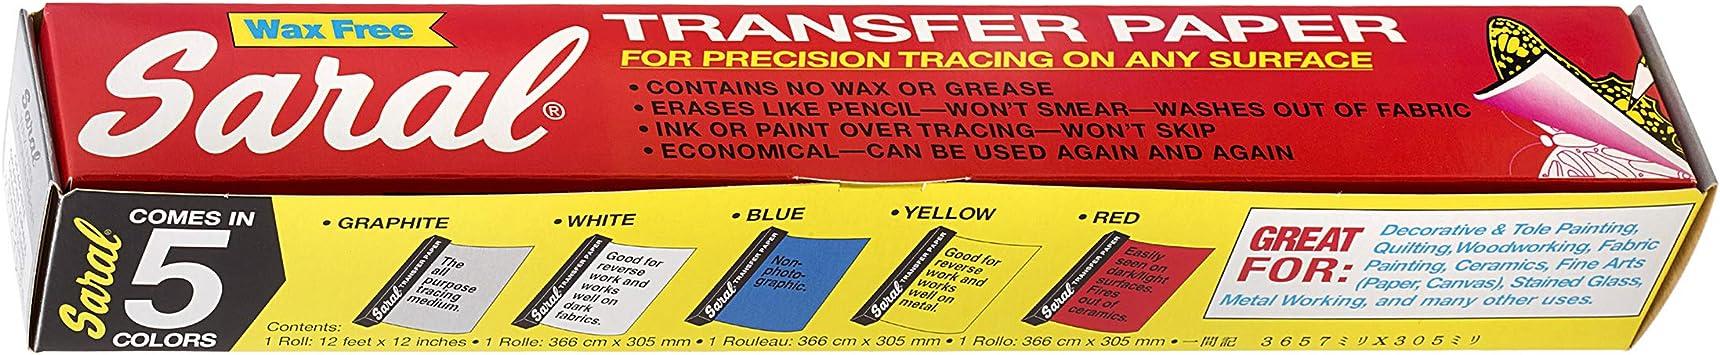 Vedi descrizione Carta grafite rosso, 5 x 370 cm 30 30 G